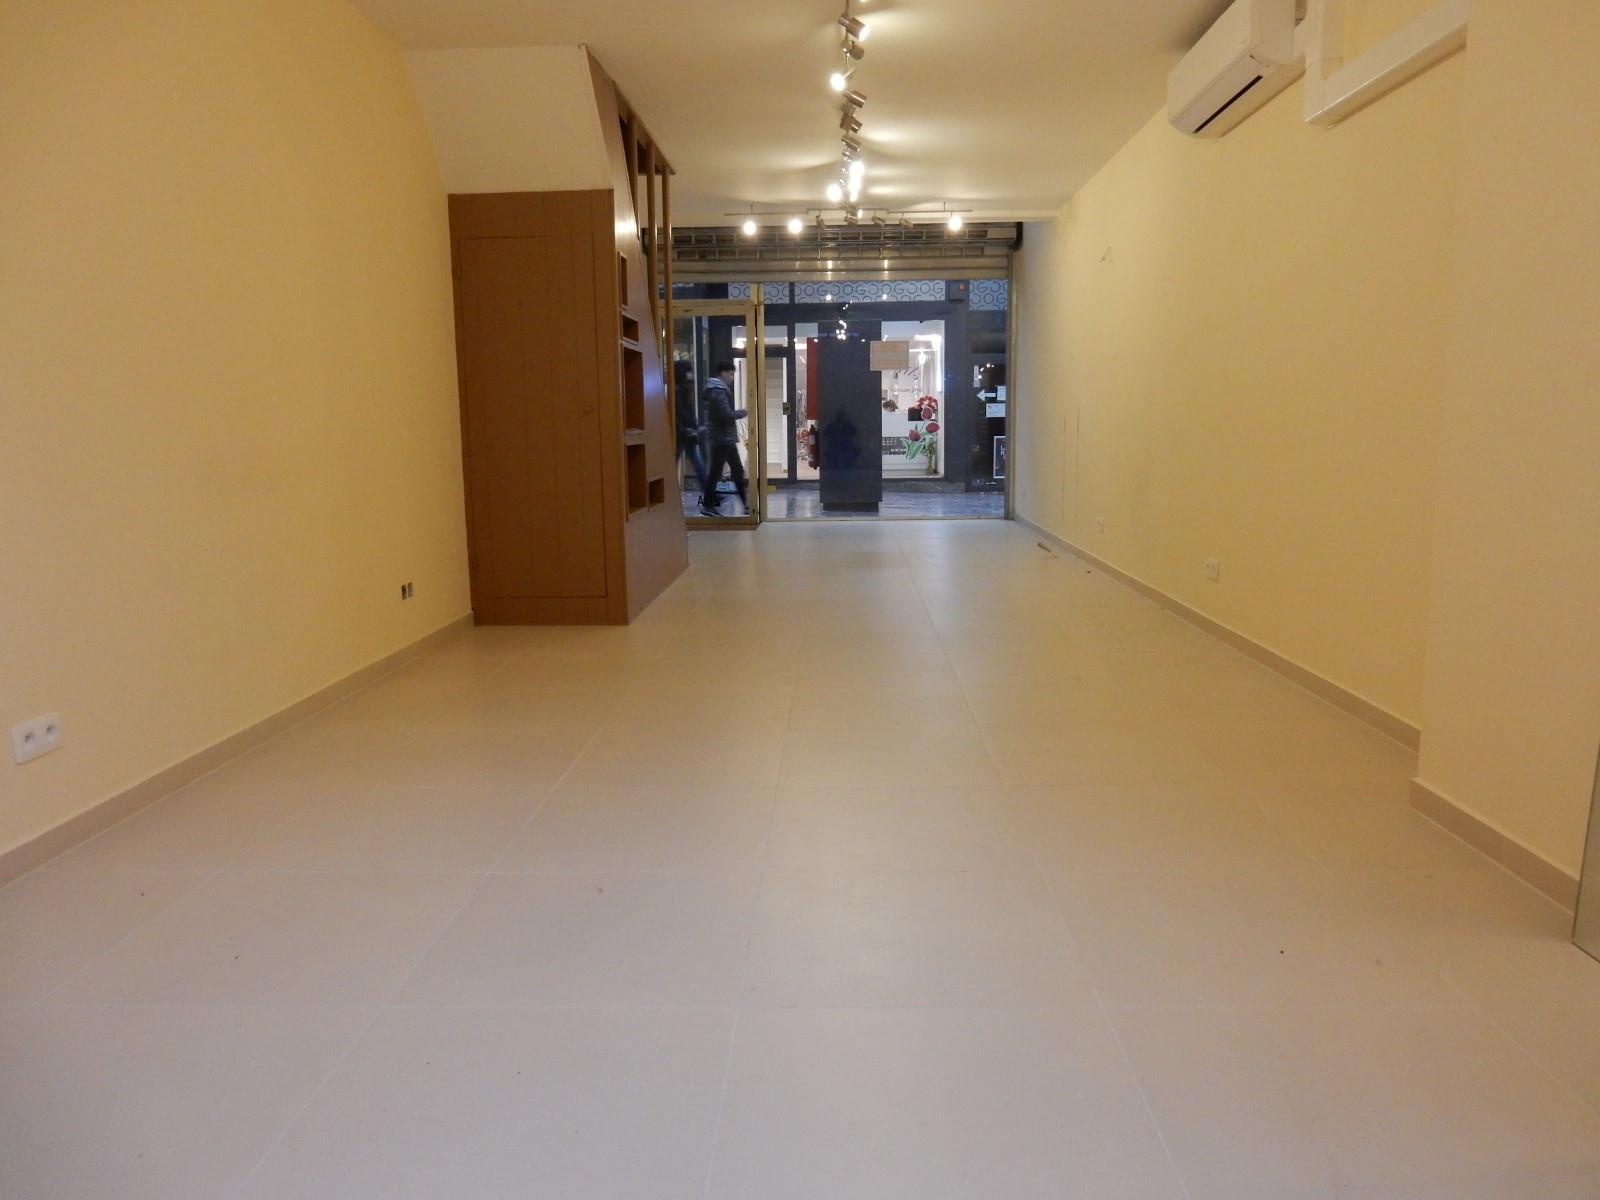 Commercial groundfloor - Etterbeek - #3645209-2